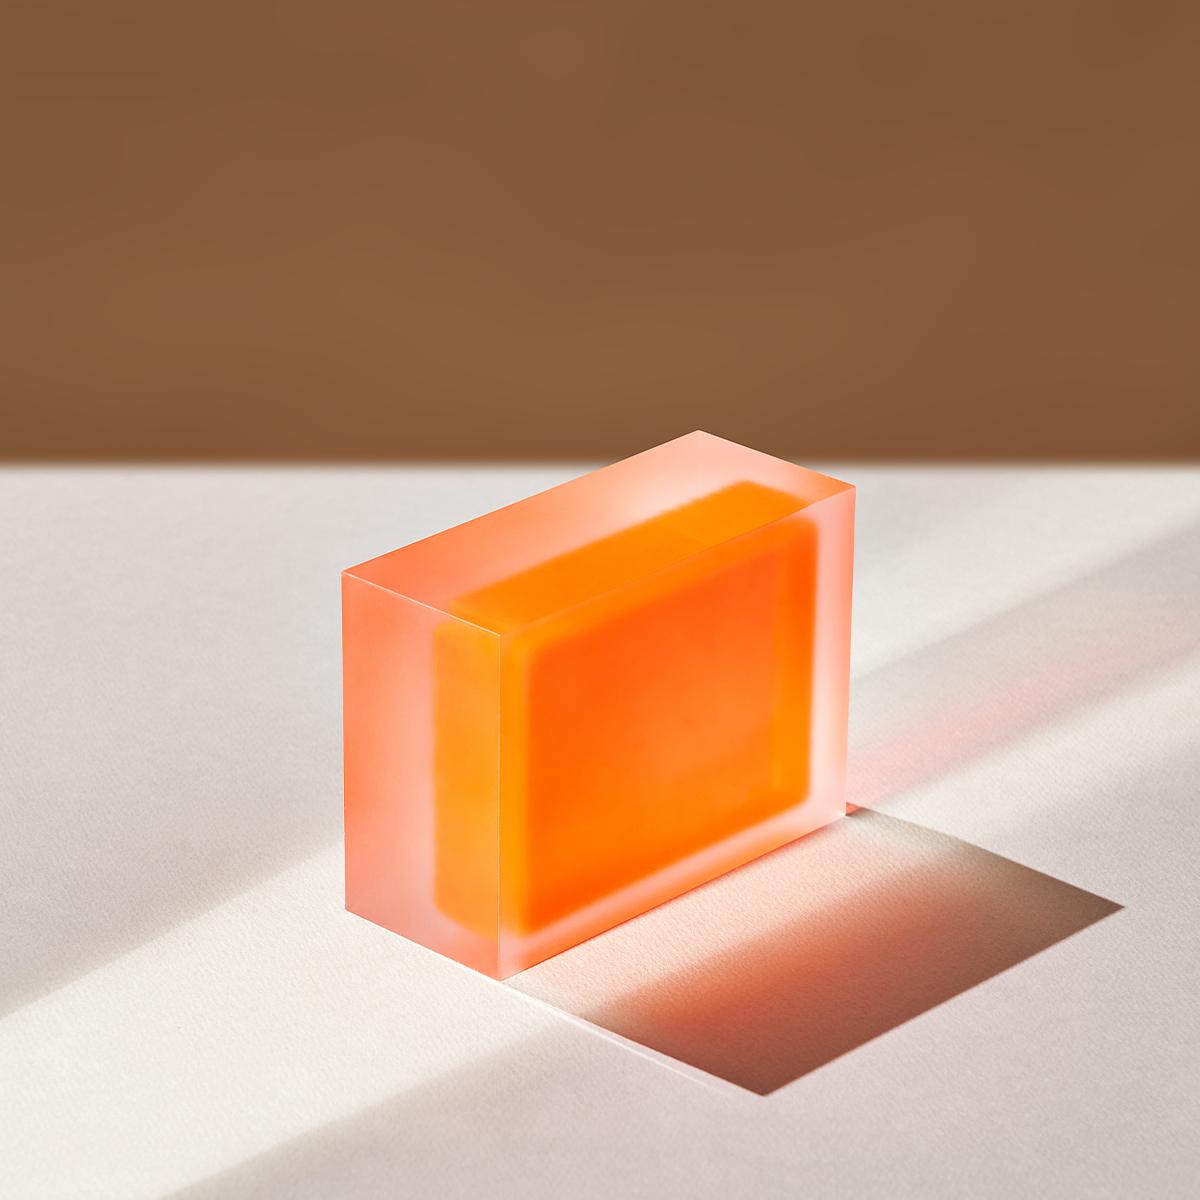 플랫폼엘 윤라희 circle, rectangle, red, neon yellow, white 2